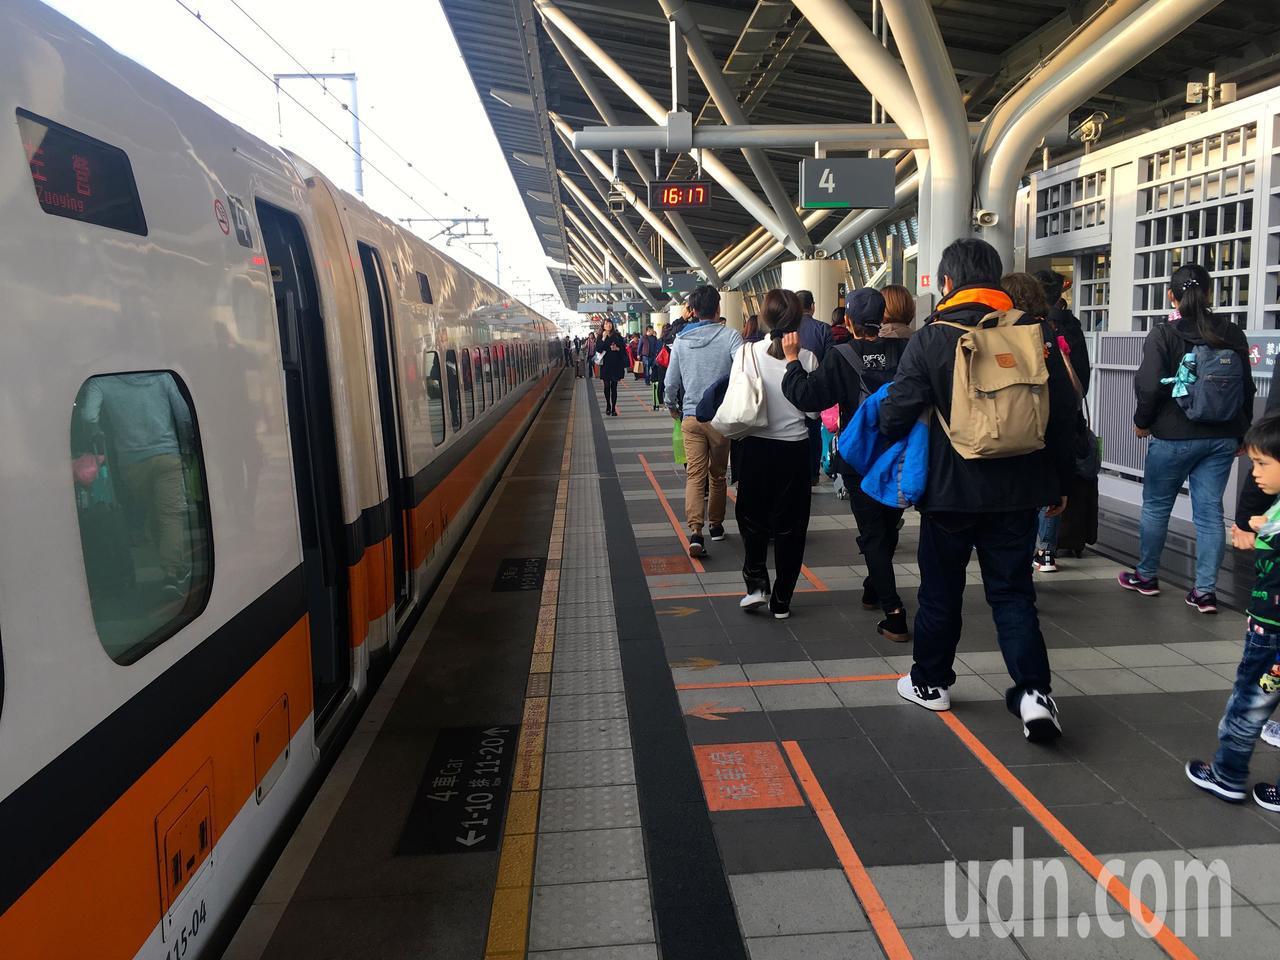 台灣高鐵宣布,7月1日起至今年12月31日購買「標準車廂對號座卡友優惠」的旅客,...